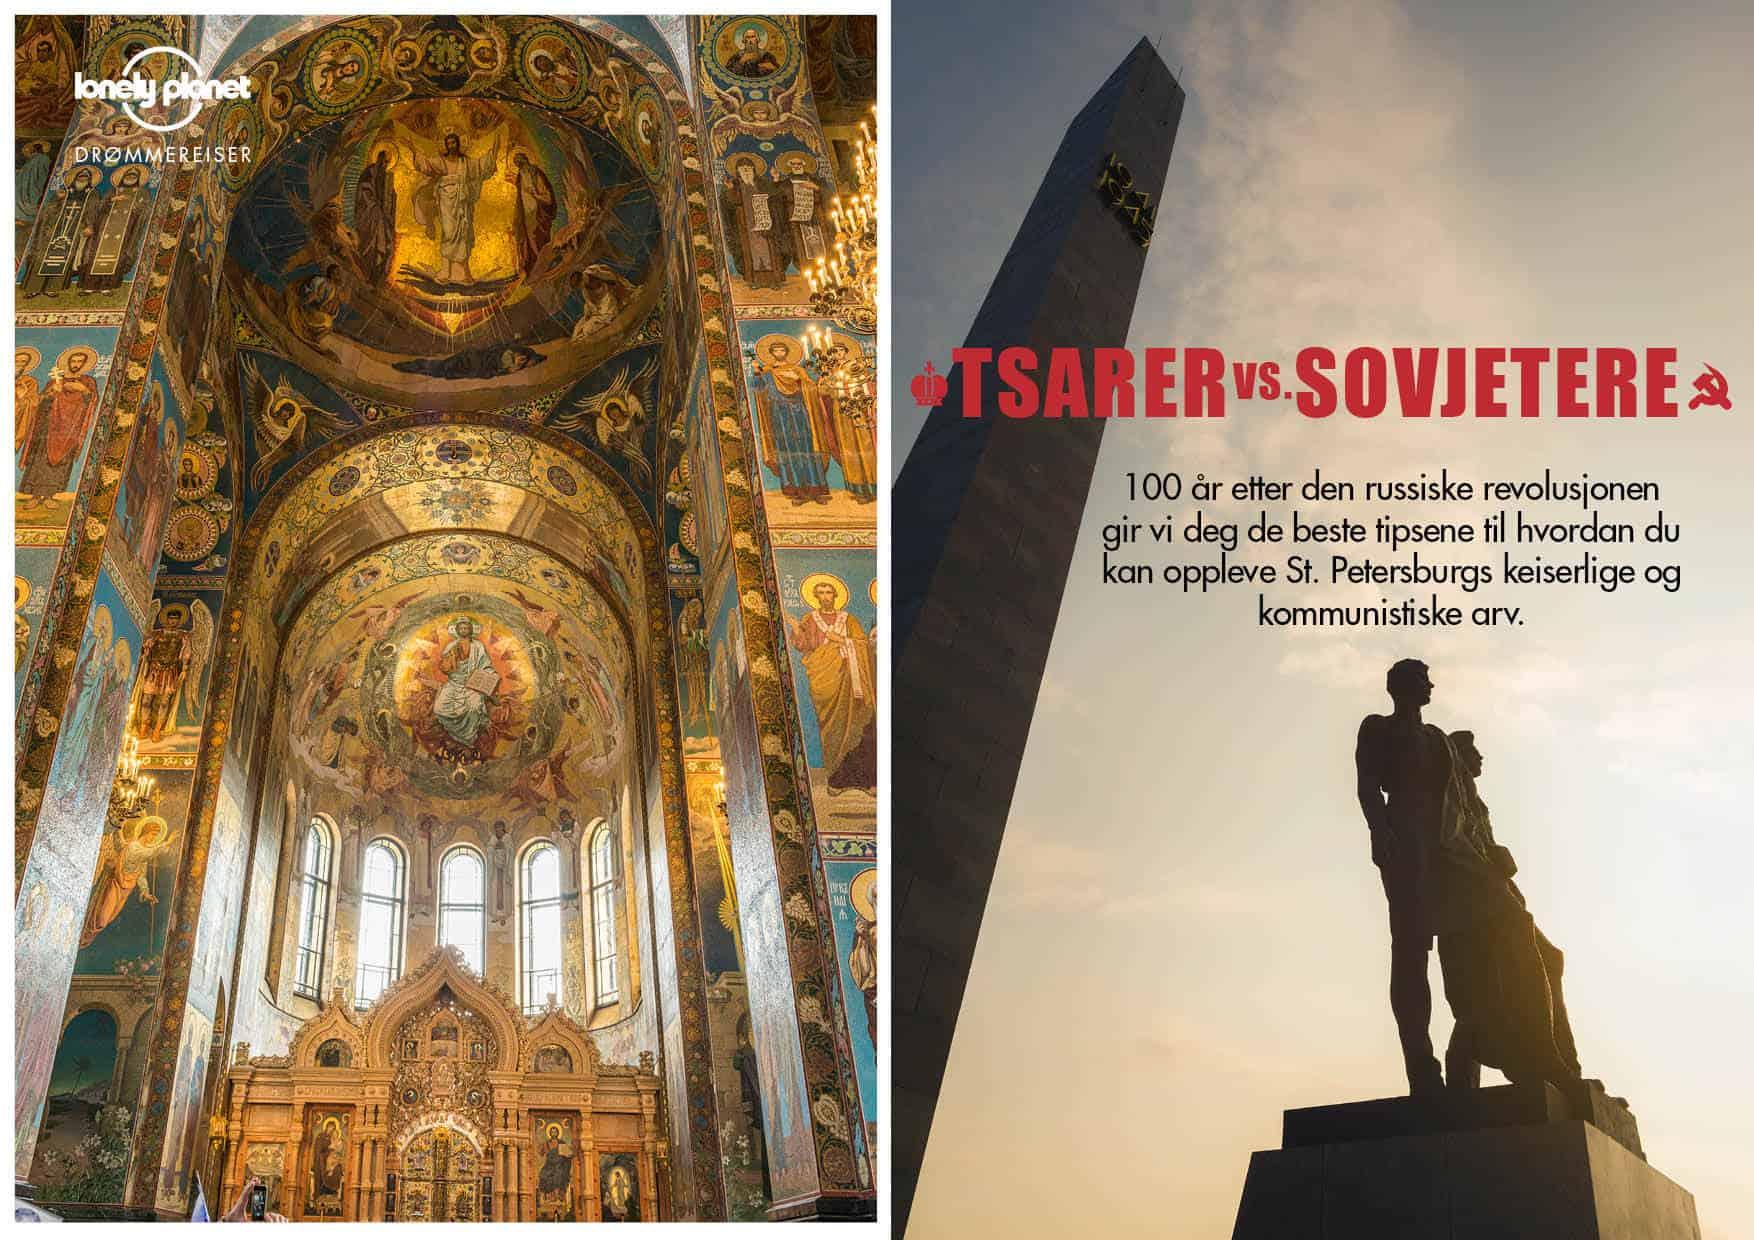 Tsarer vs. sovjetere